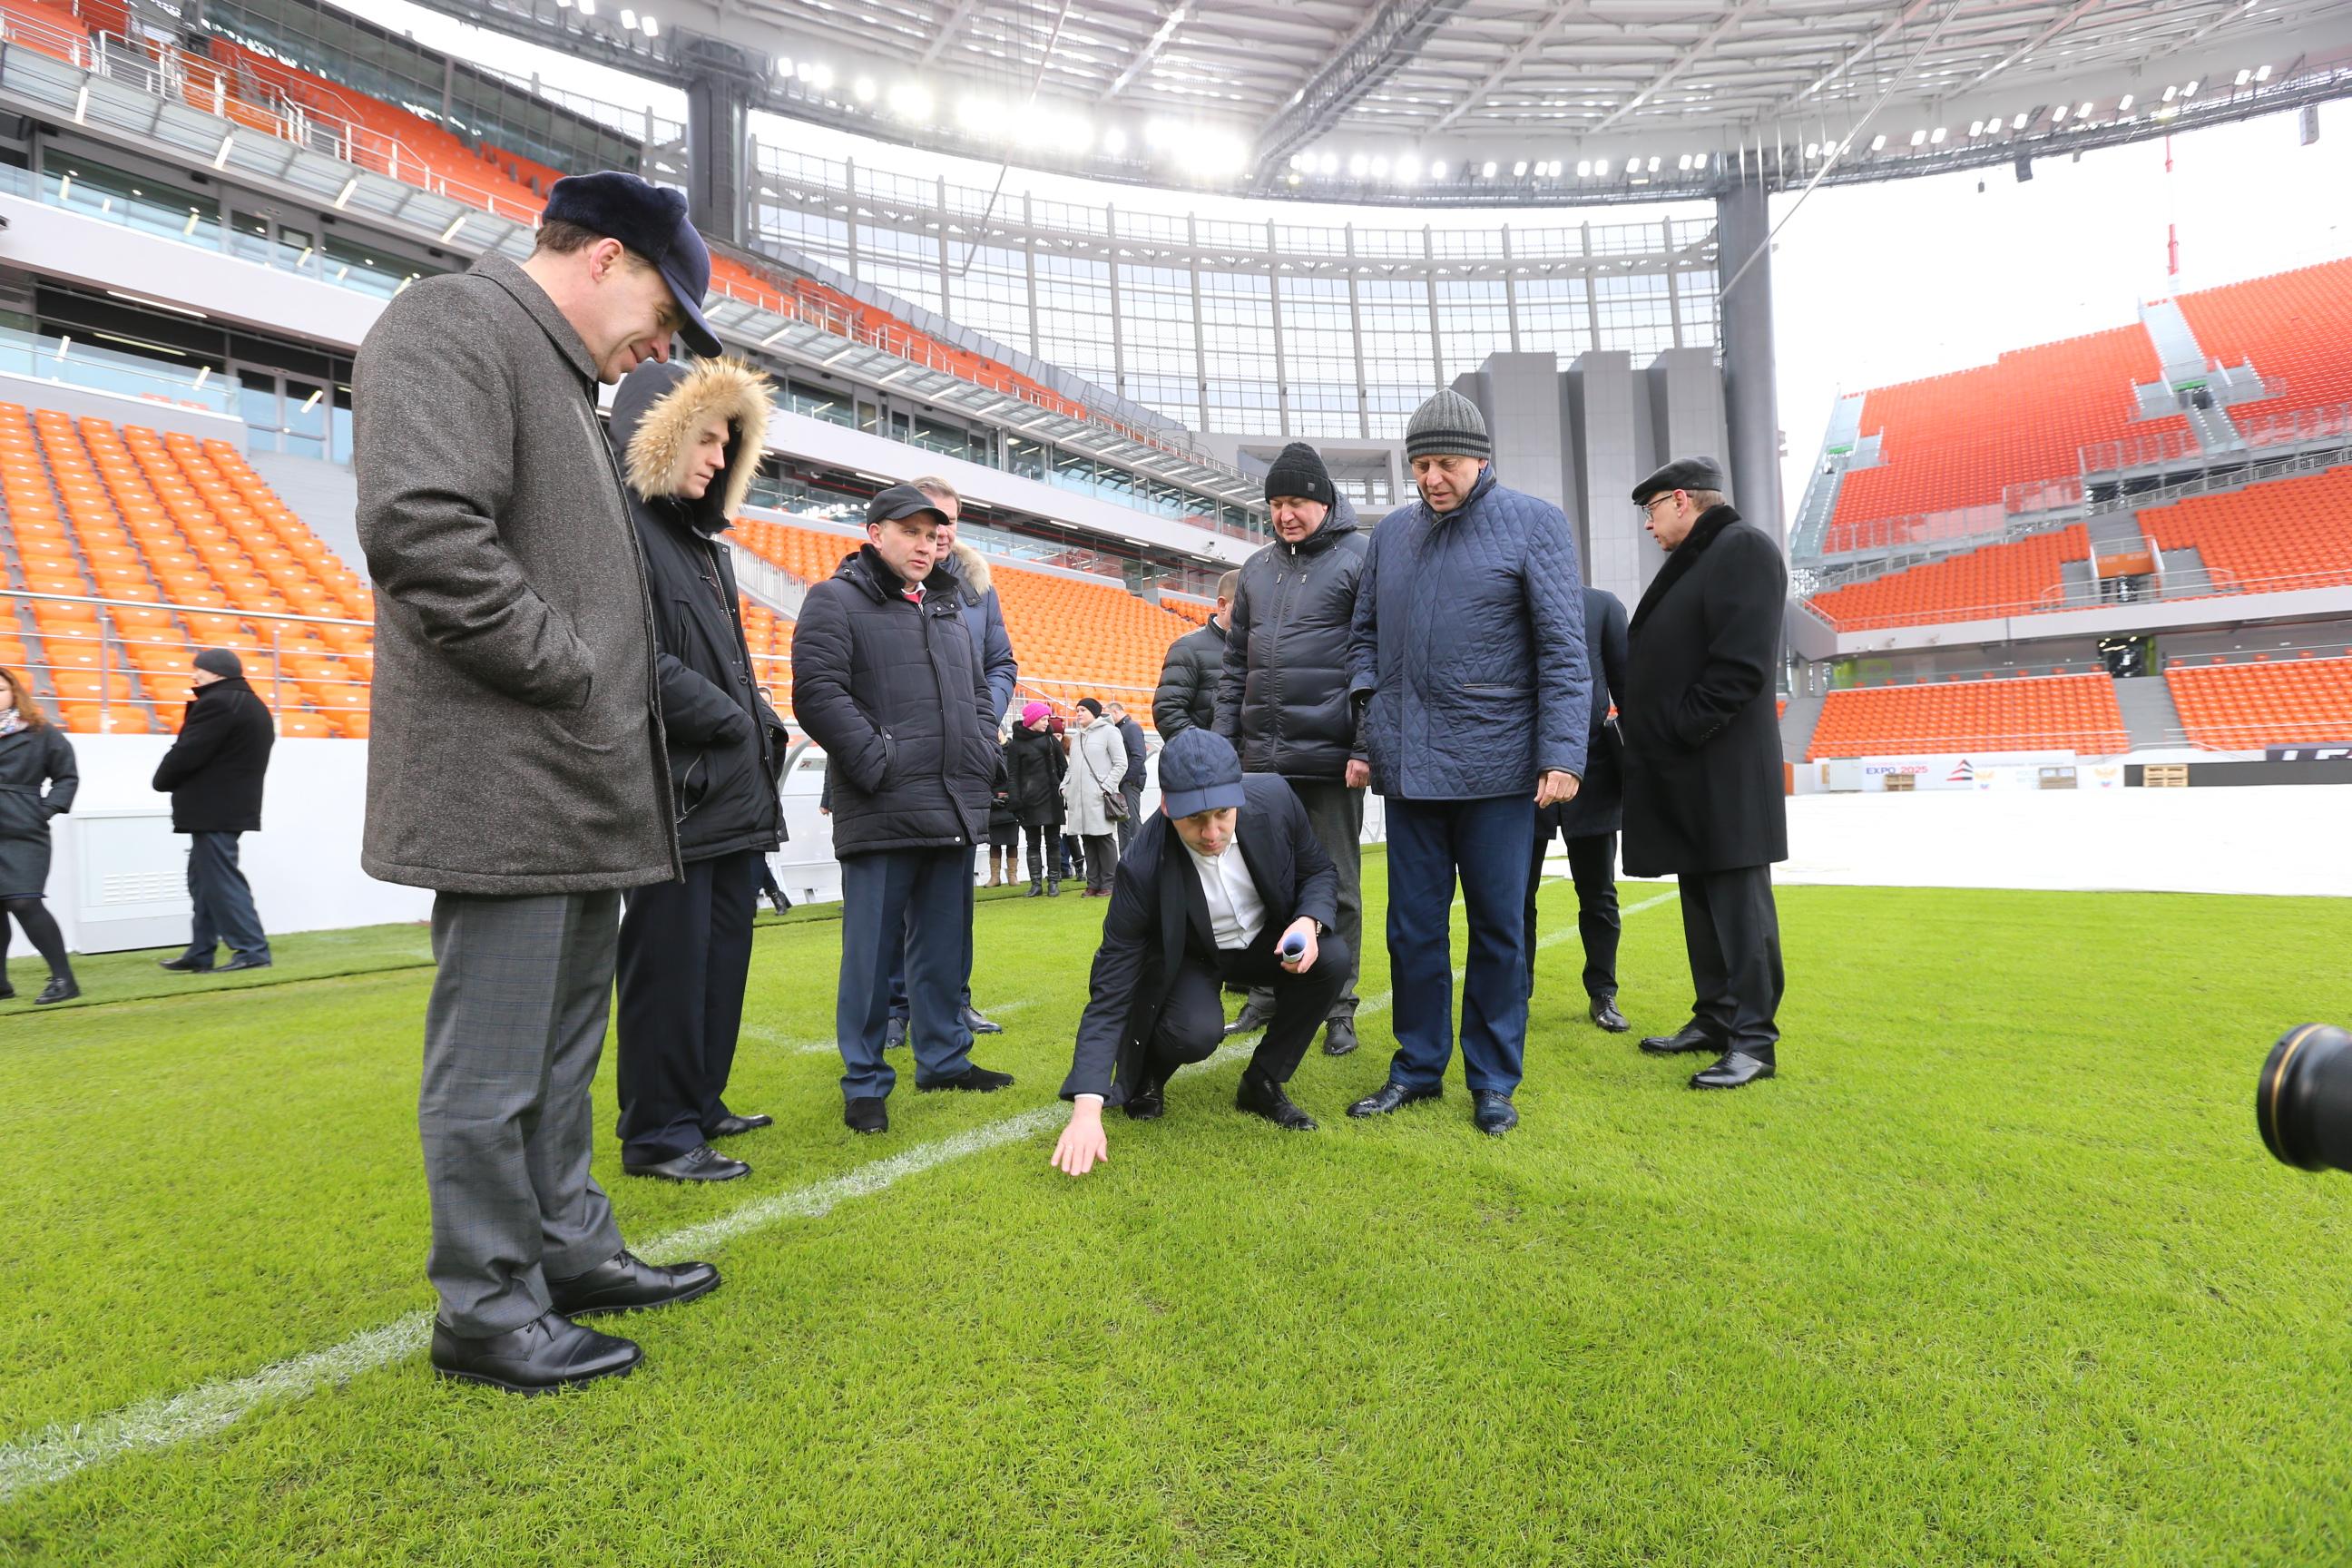 Дворкович назвал сроки сдачи стадиона ЧМ-2018 вСамаре